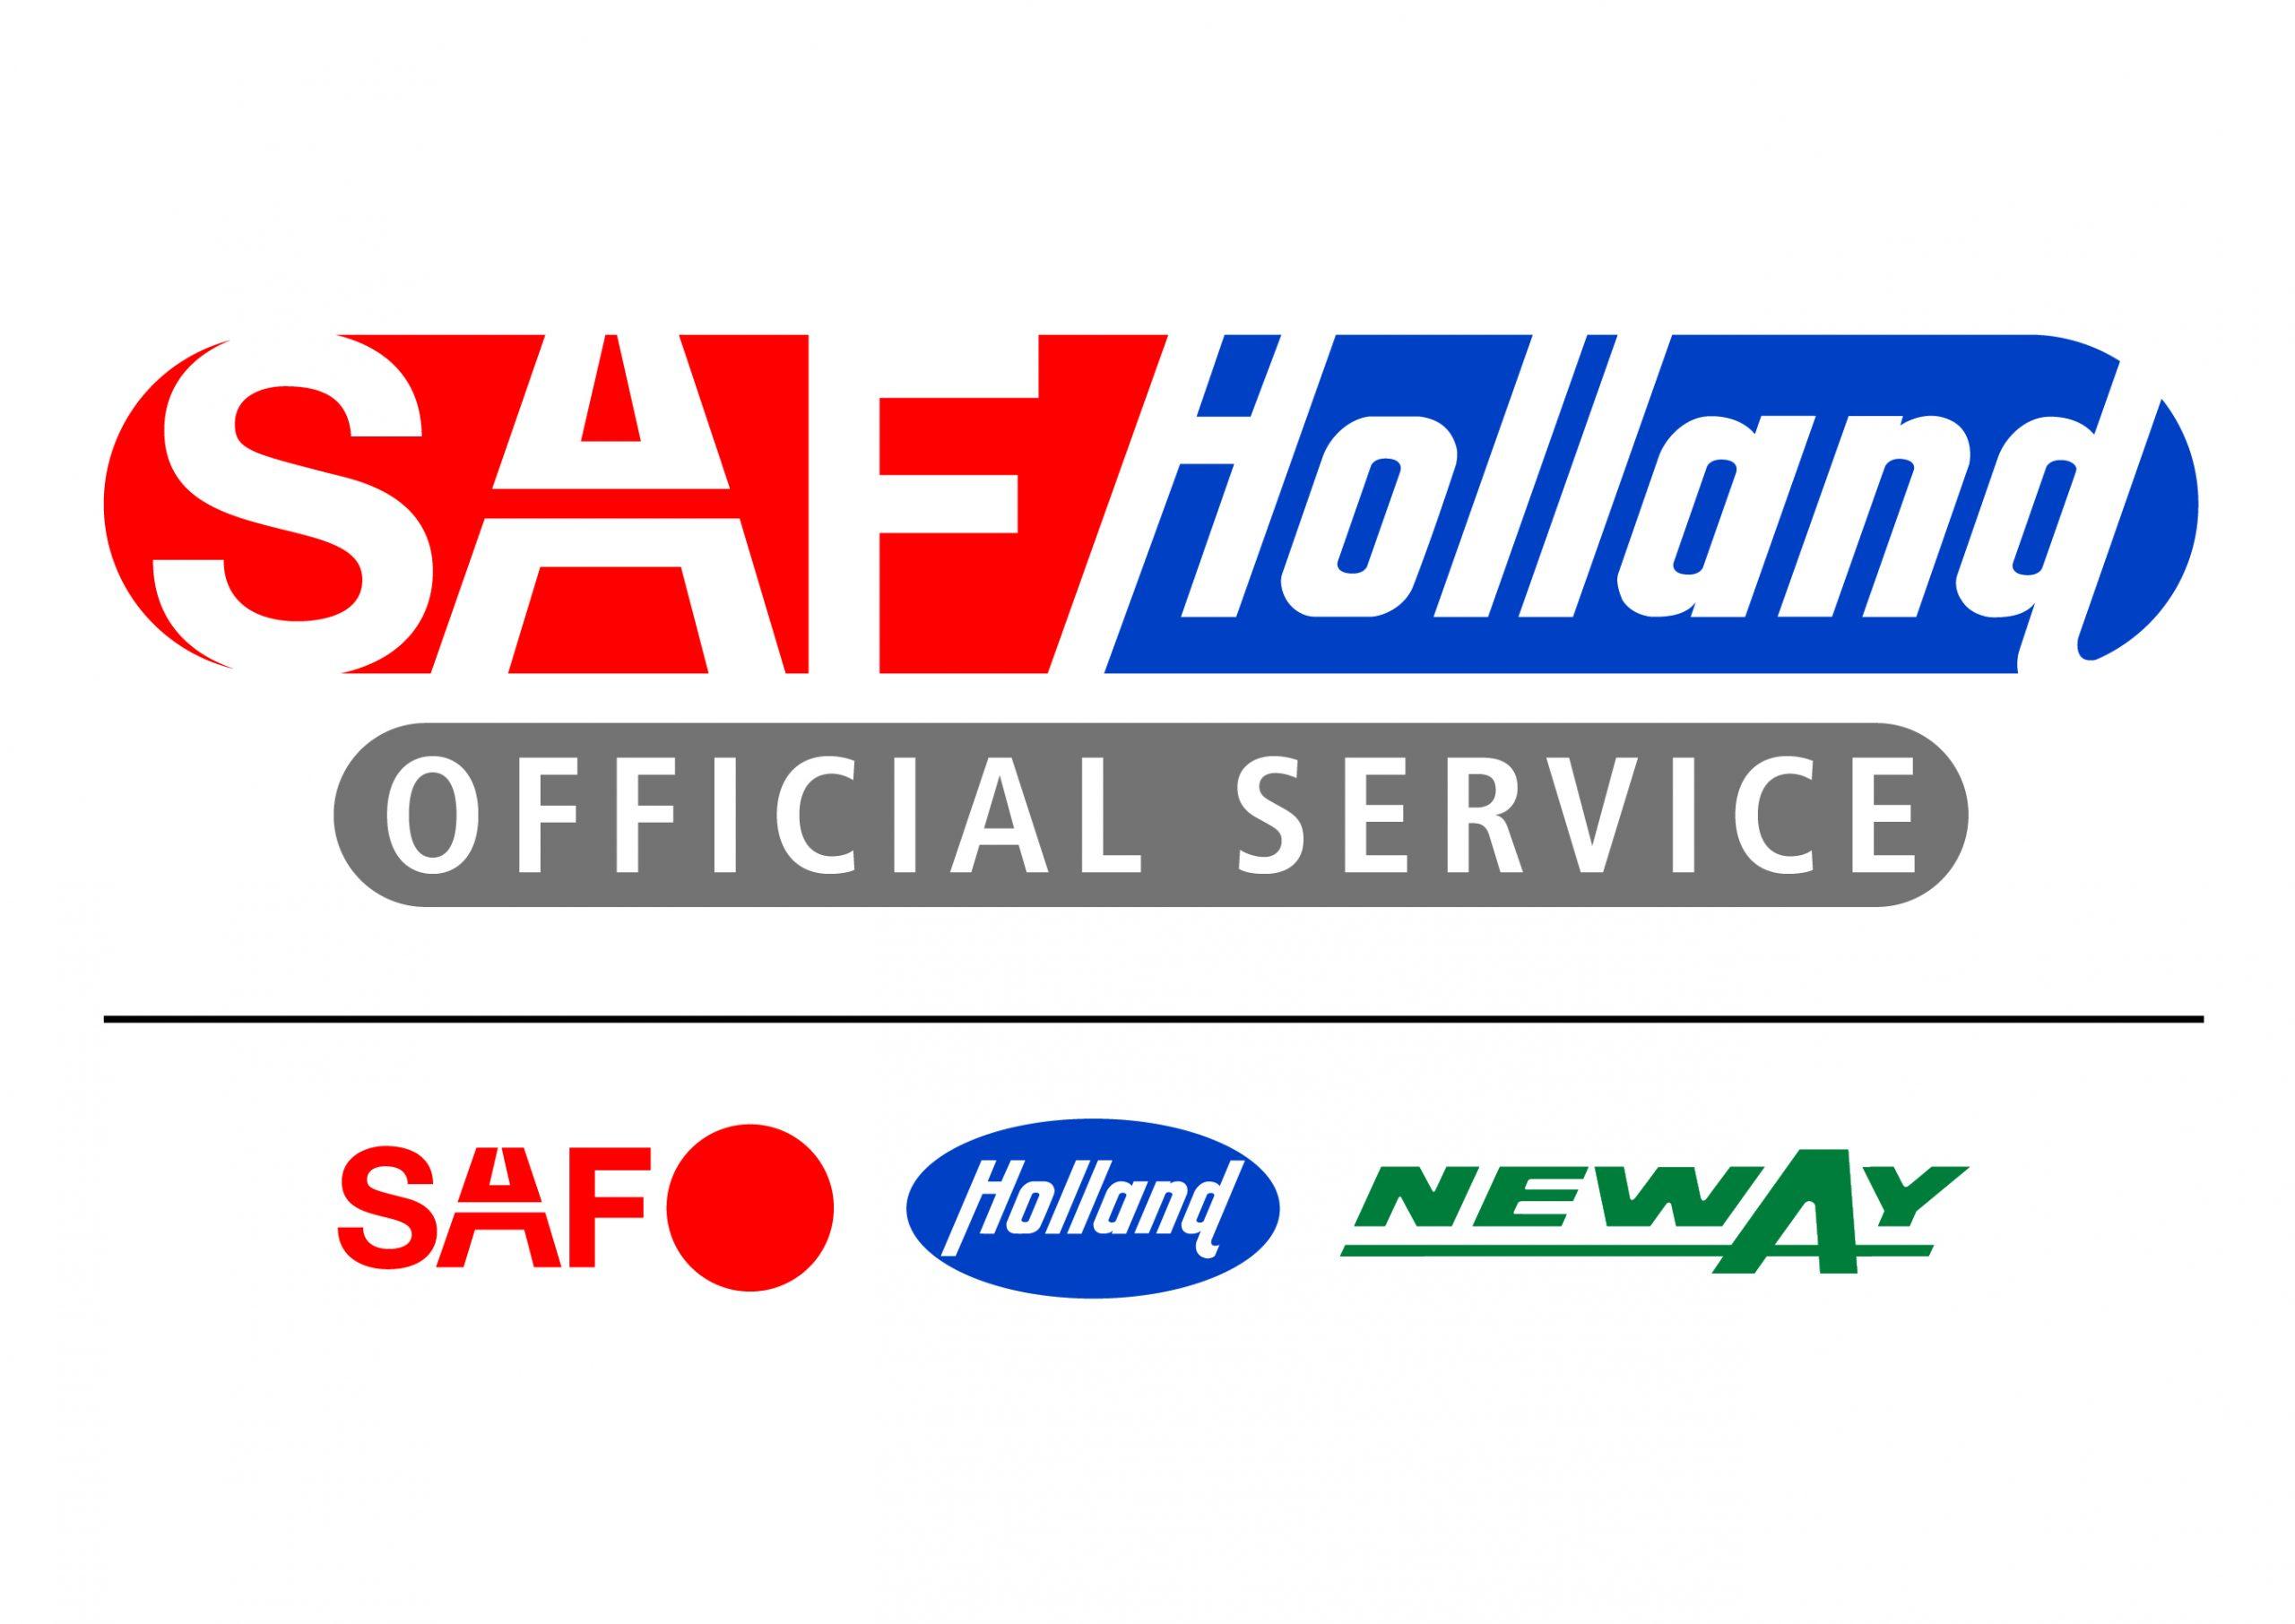 SAF-HOLLAND Official Service SAF_Holland_Neway_mit_Weißraum